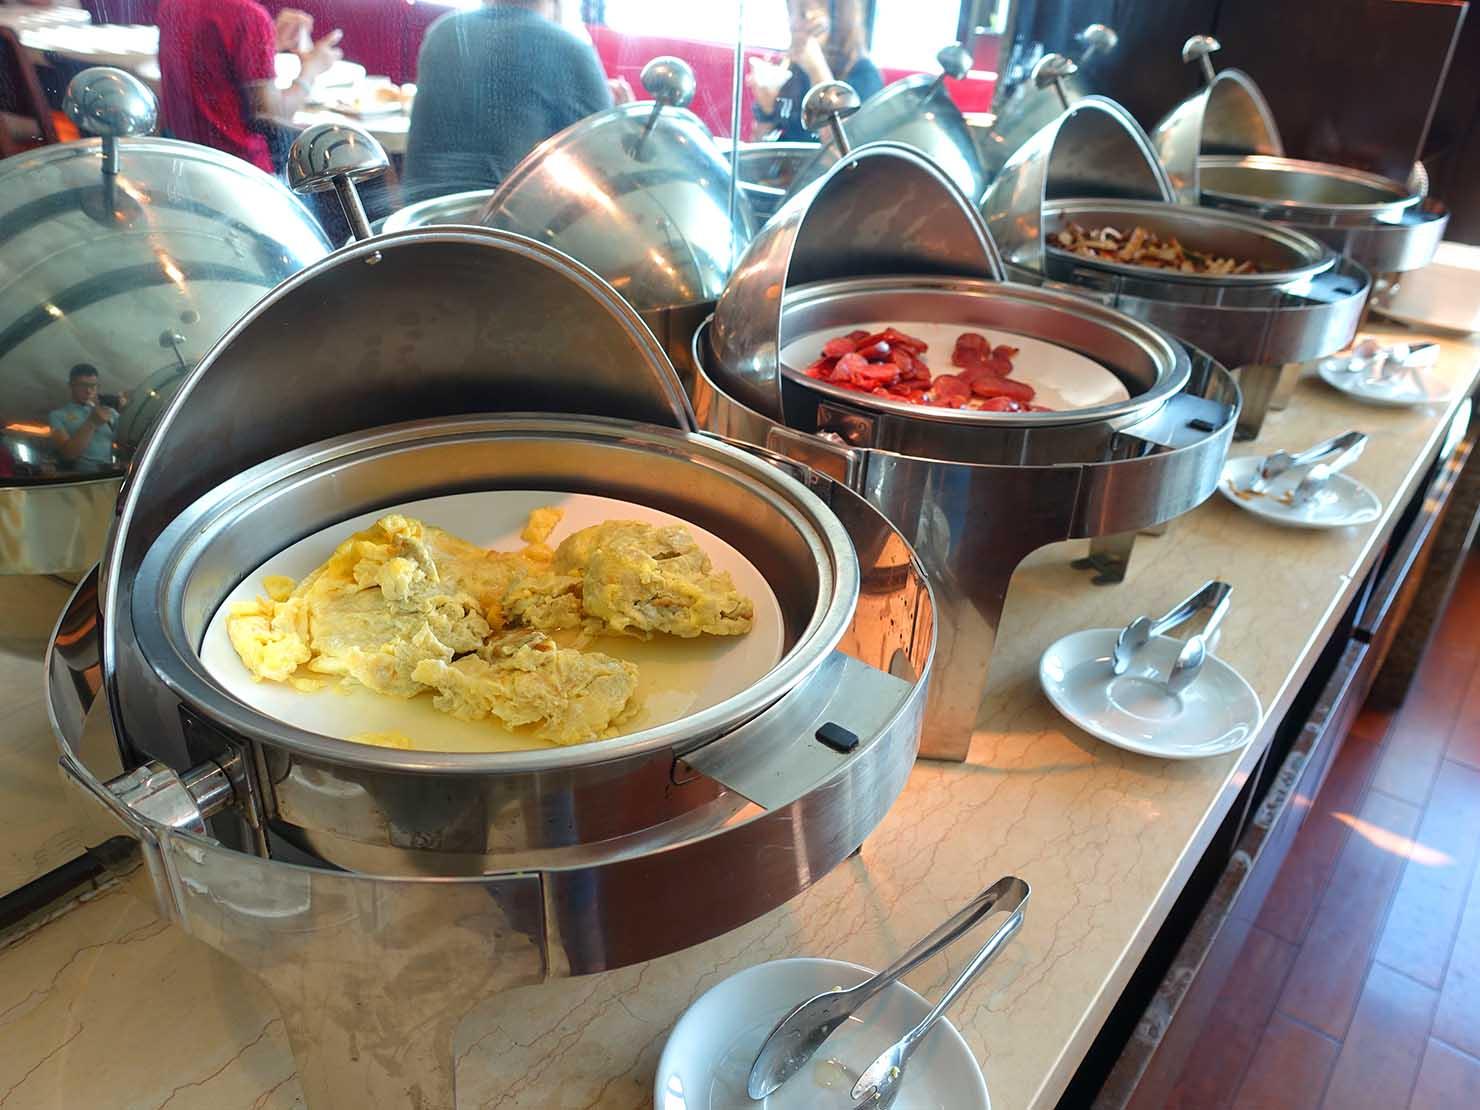 花蓮市街中心部にあるホテル「馥麗生活旅店 Quality Inn」朝ごはんのおかず類